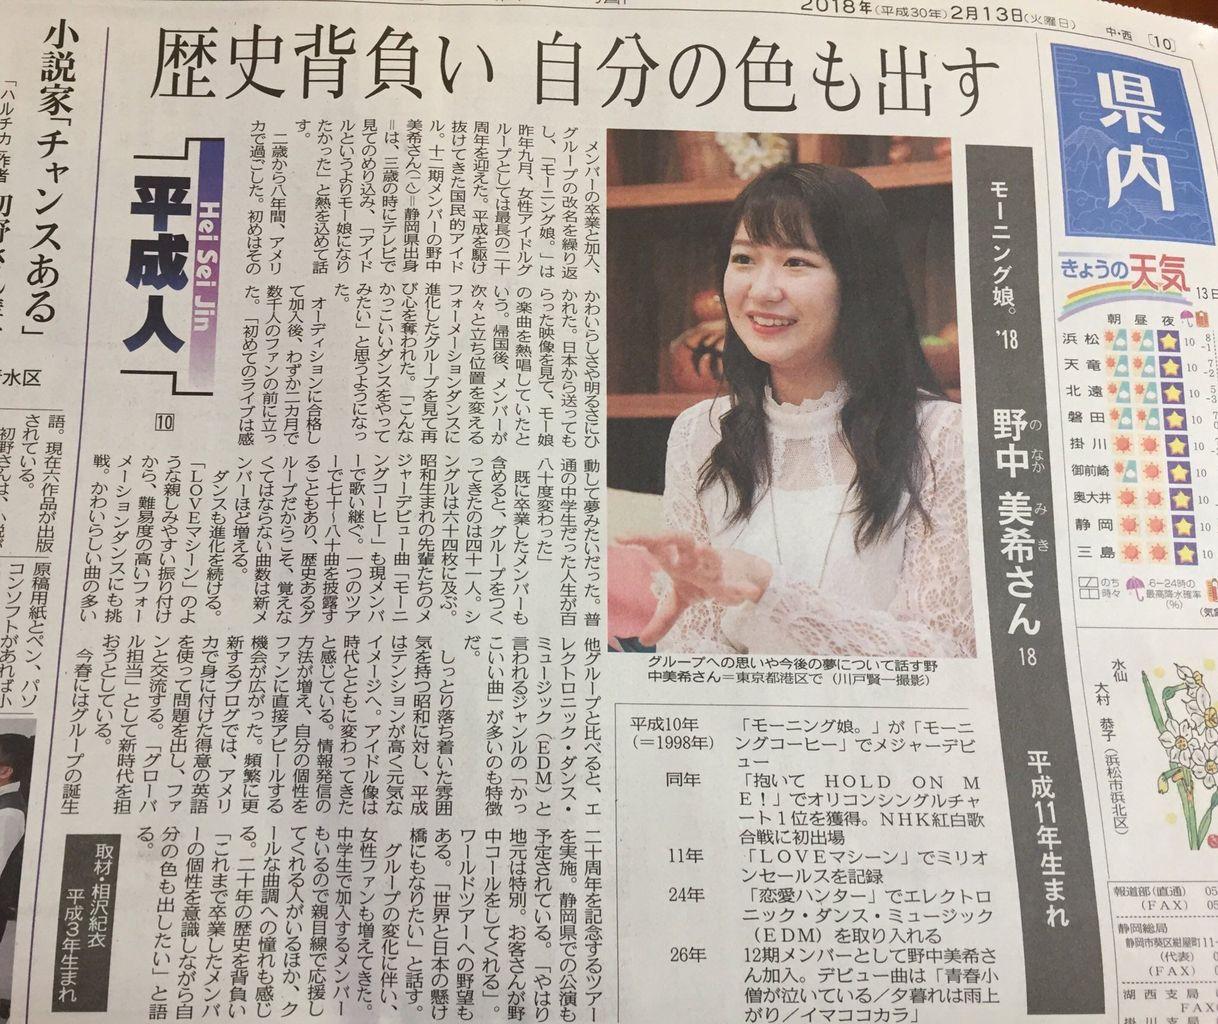 【エンタメ画像】【モーニング娘。'18】野中美希が新聞の一面をゲットwwwwww